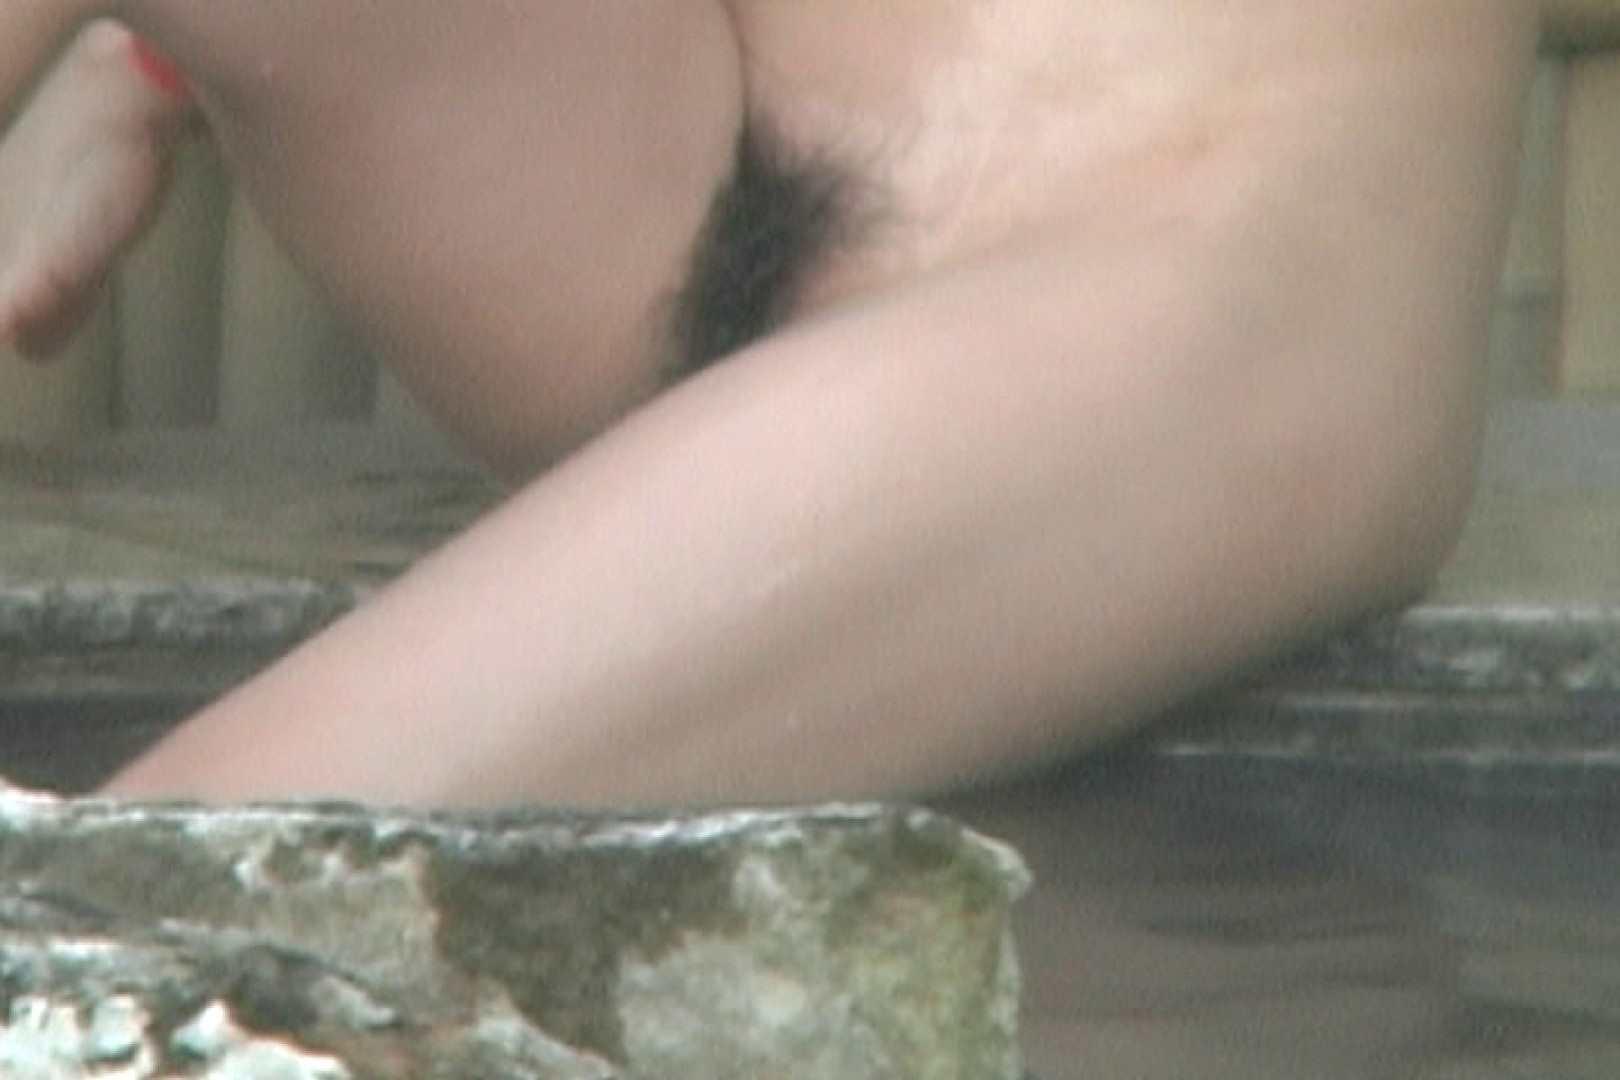 Aquaな露天風呂Vol.594 美しいOLの裸体 おまんこ動画流出 79pic 56